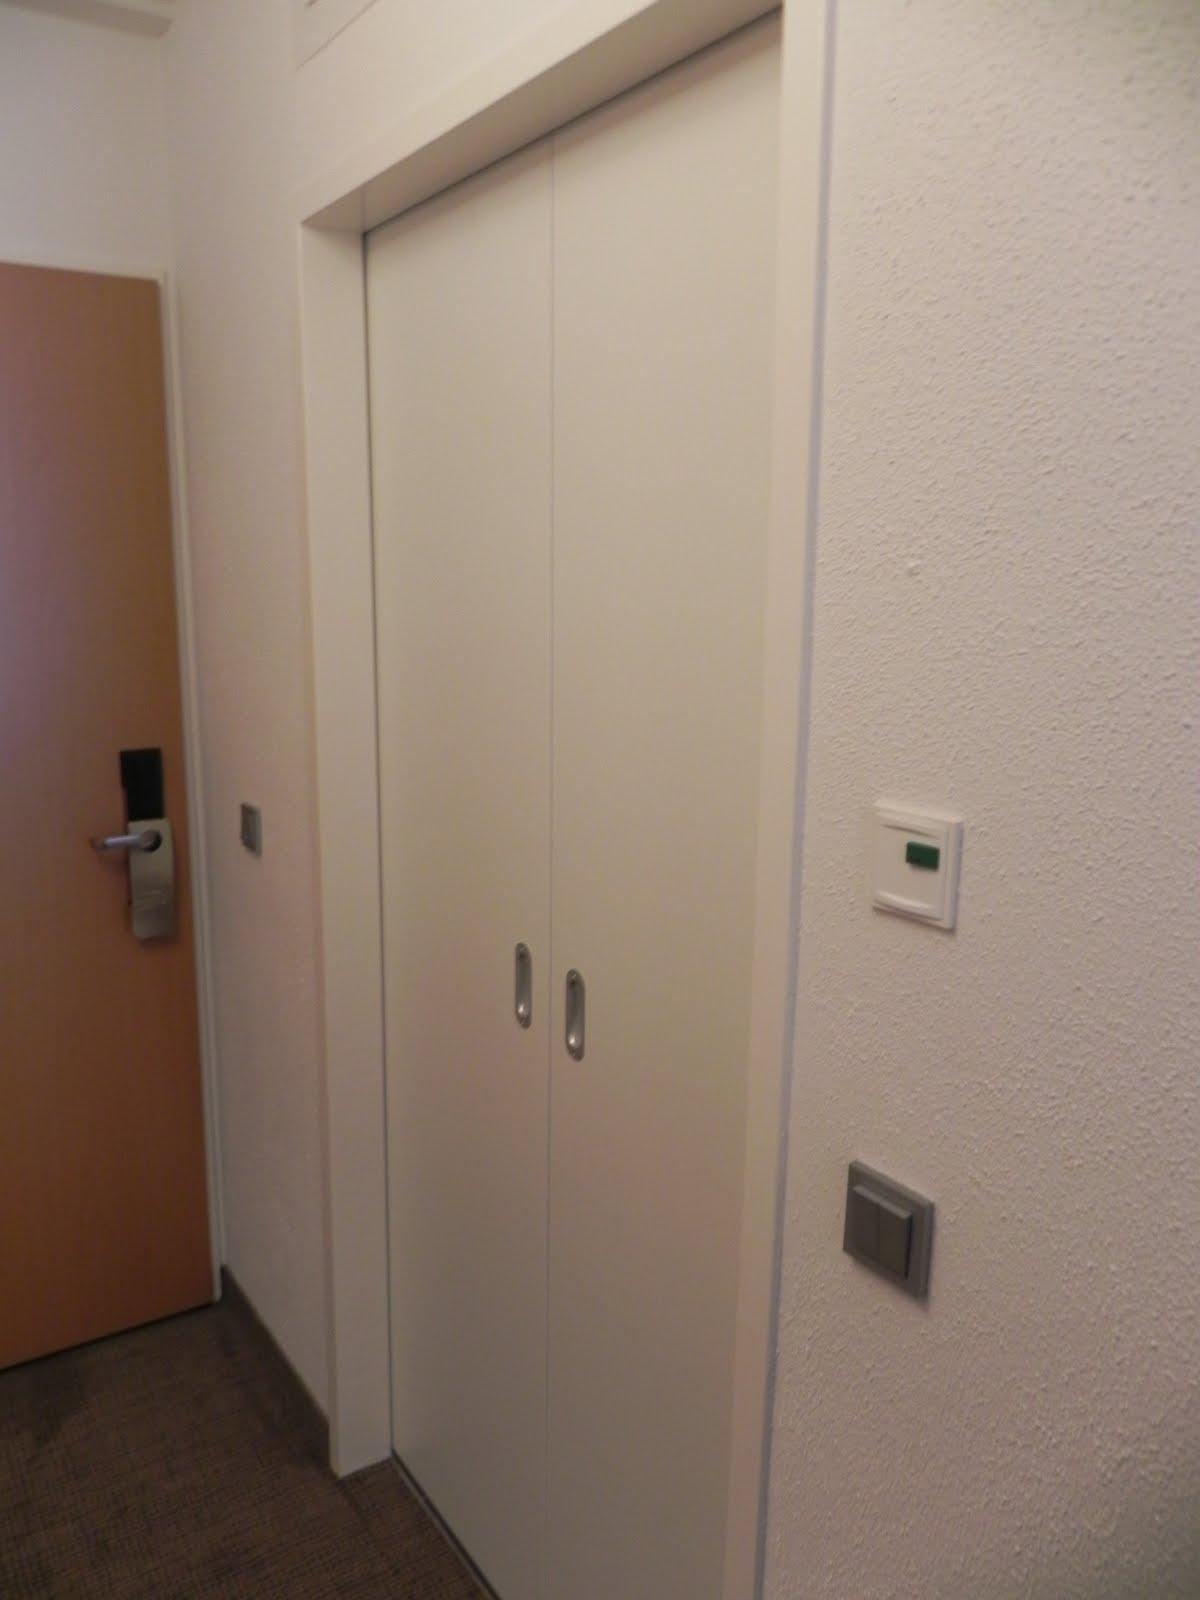 porta do banheiro acessível é do tipo correr possuindo fácil  #654533 1200x1600 Banheiro Acessivel Norma 9050